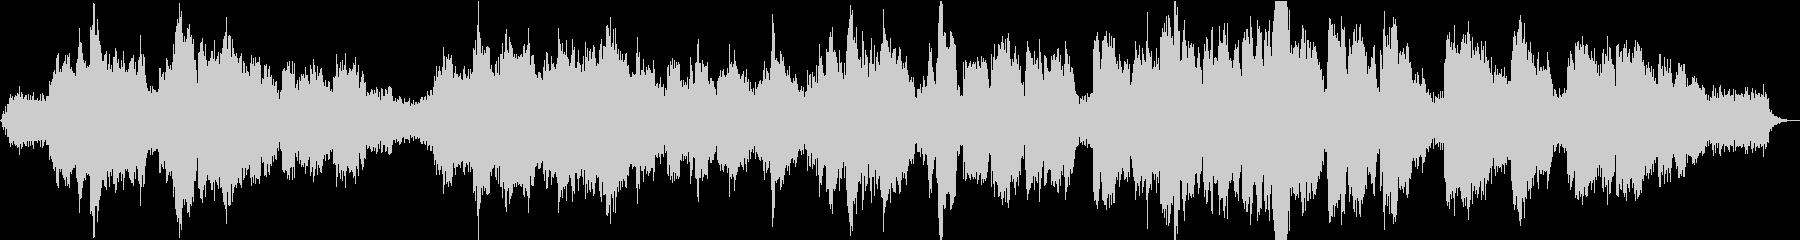 リラックス・瞑想・神秘的なサックスの曲の未再生の波形